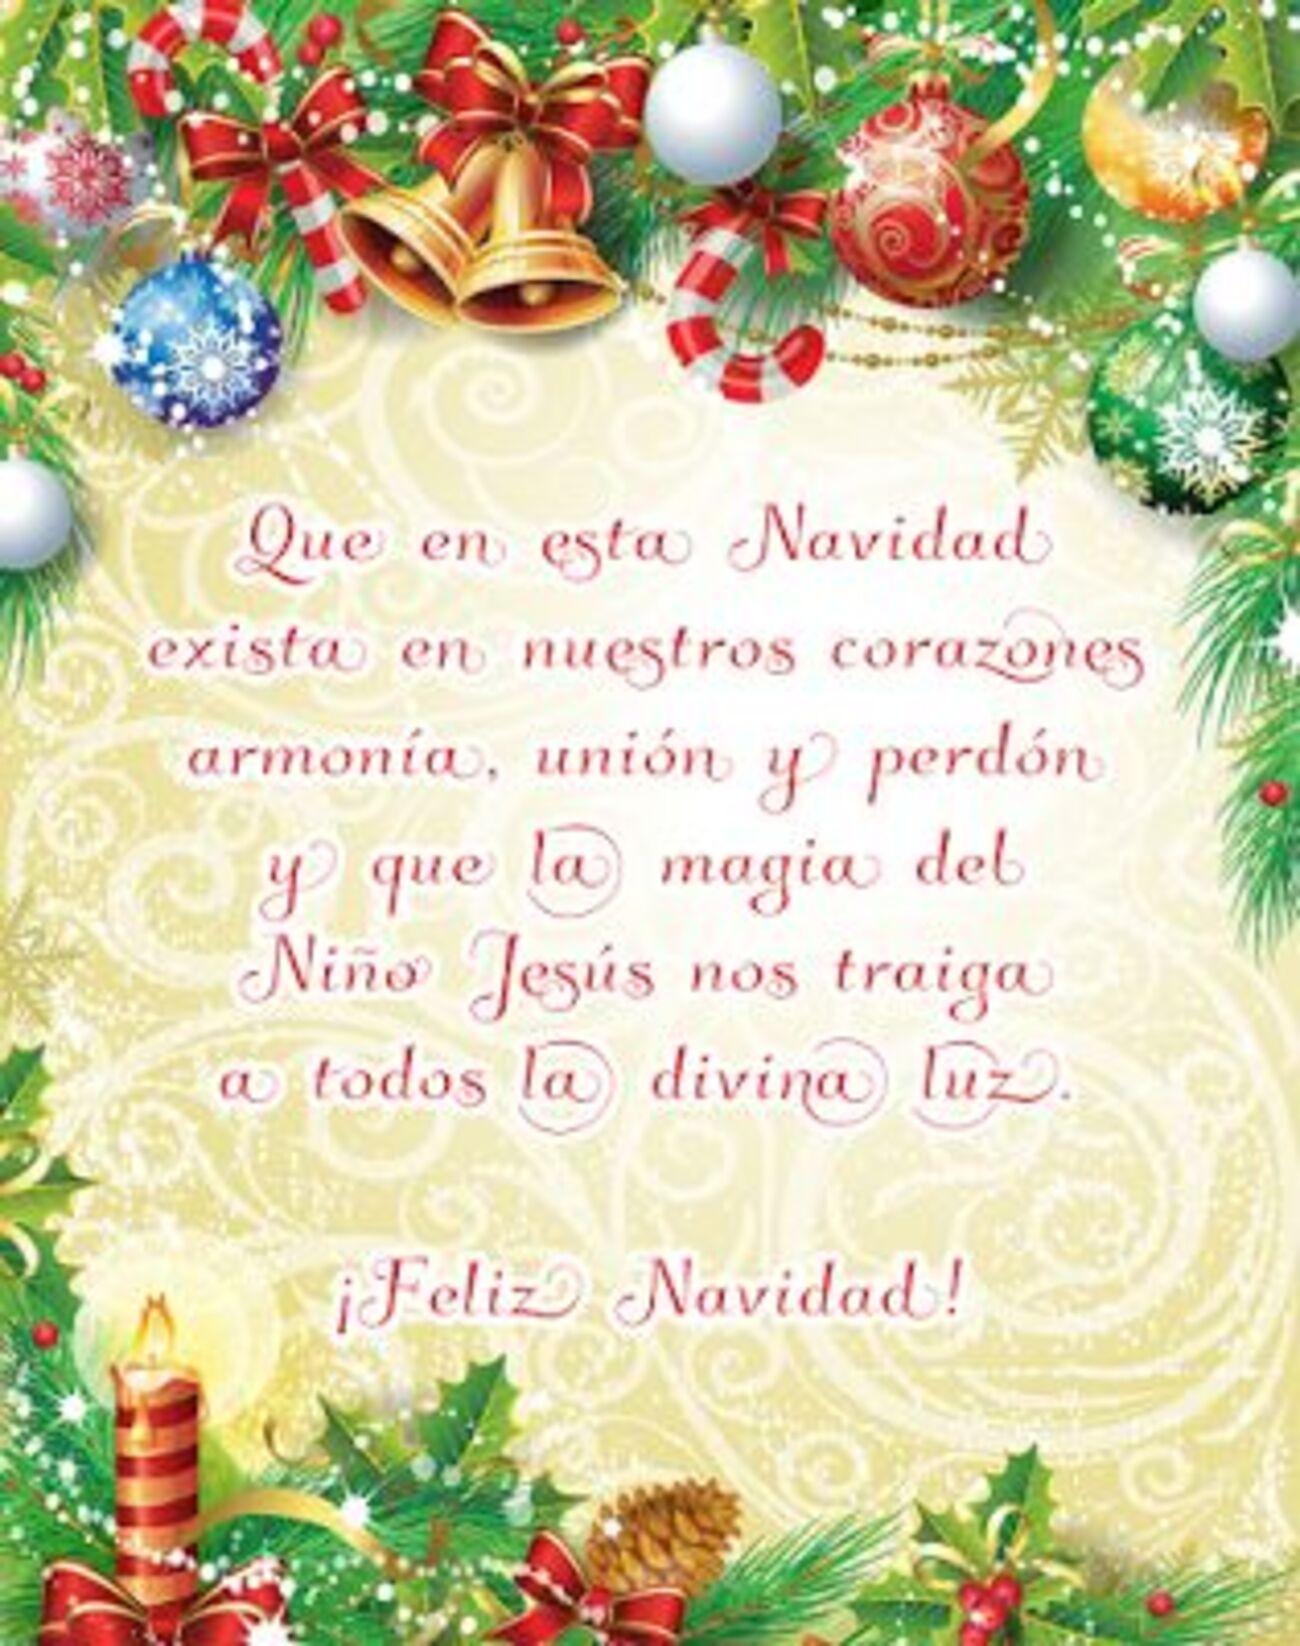 Que en esta Navidad exista en nuestros corazones armonía, unión y perdón y que la magia del Niño Jesus  nos traiga a todos la divina luz. Feliz Navidad!